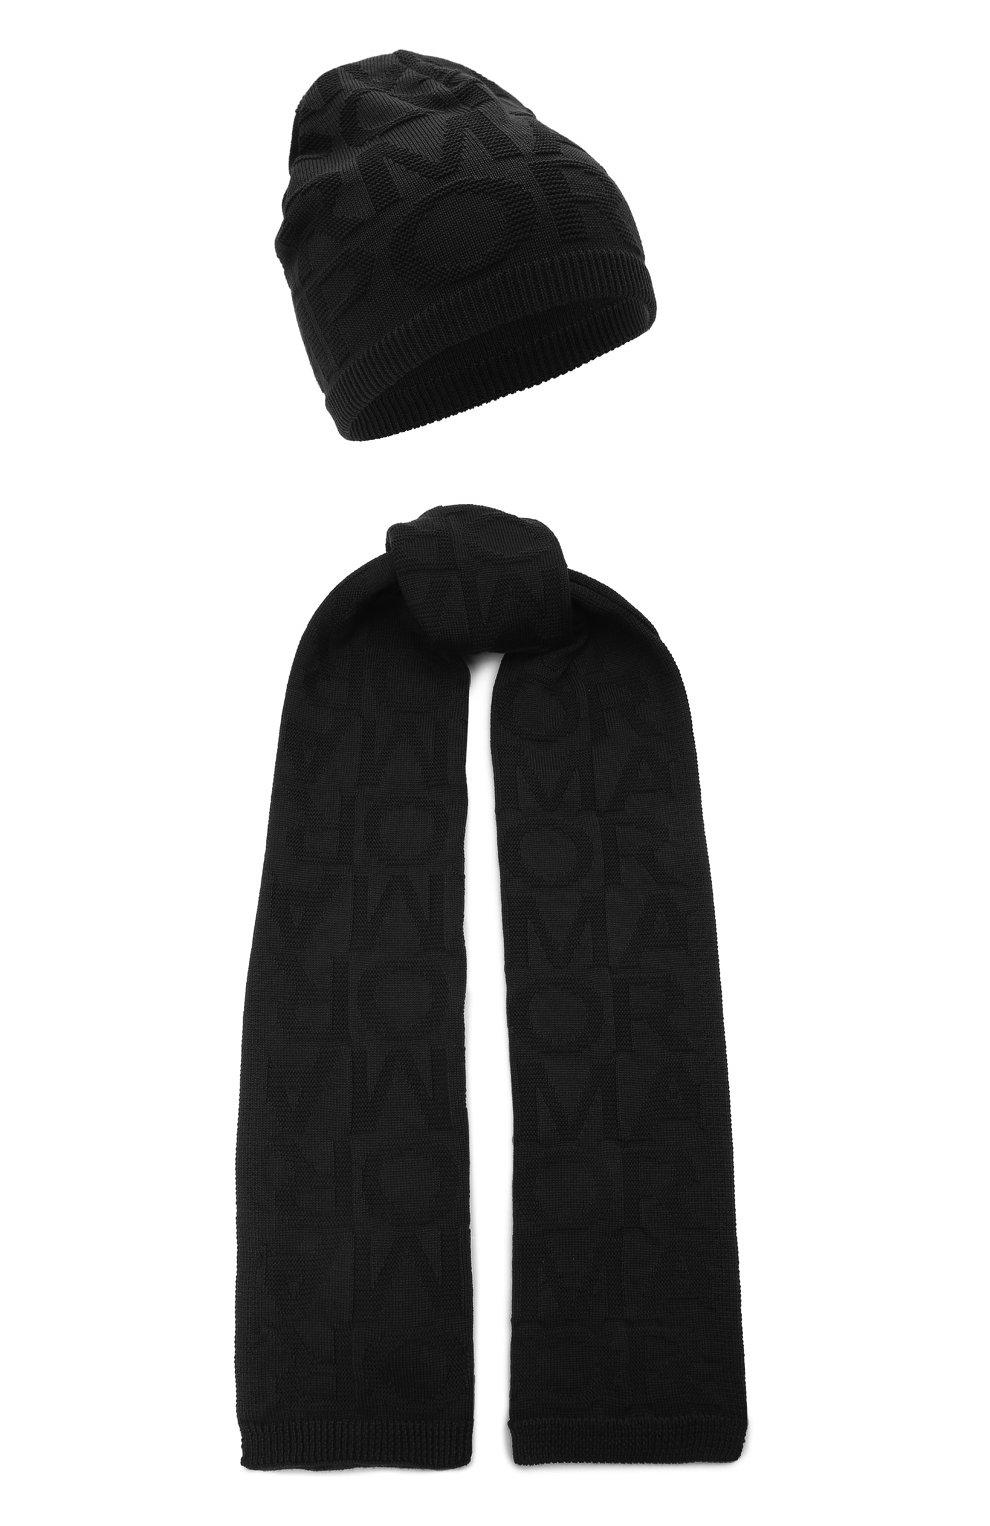 Детский комплект из шапки и шарфа EMPORIO ARMANI черного цвета, арт. 407512/1A762 | Фото 1 (Материал: Текстиль, Шерсть, Синтетический материал)